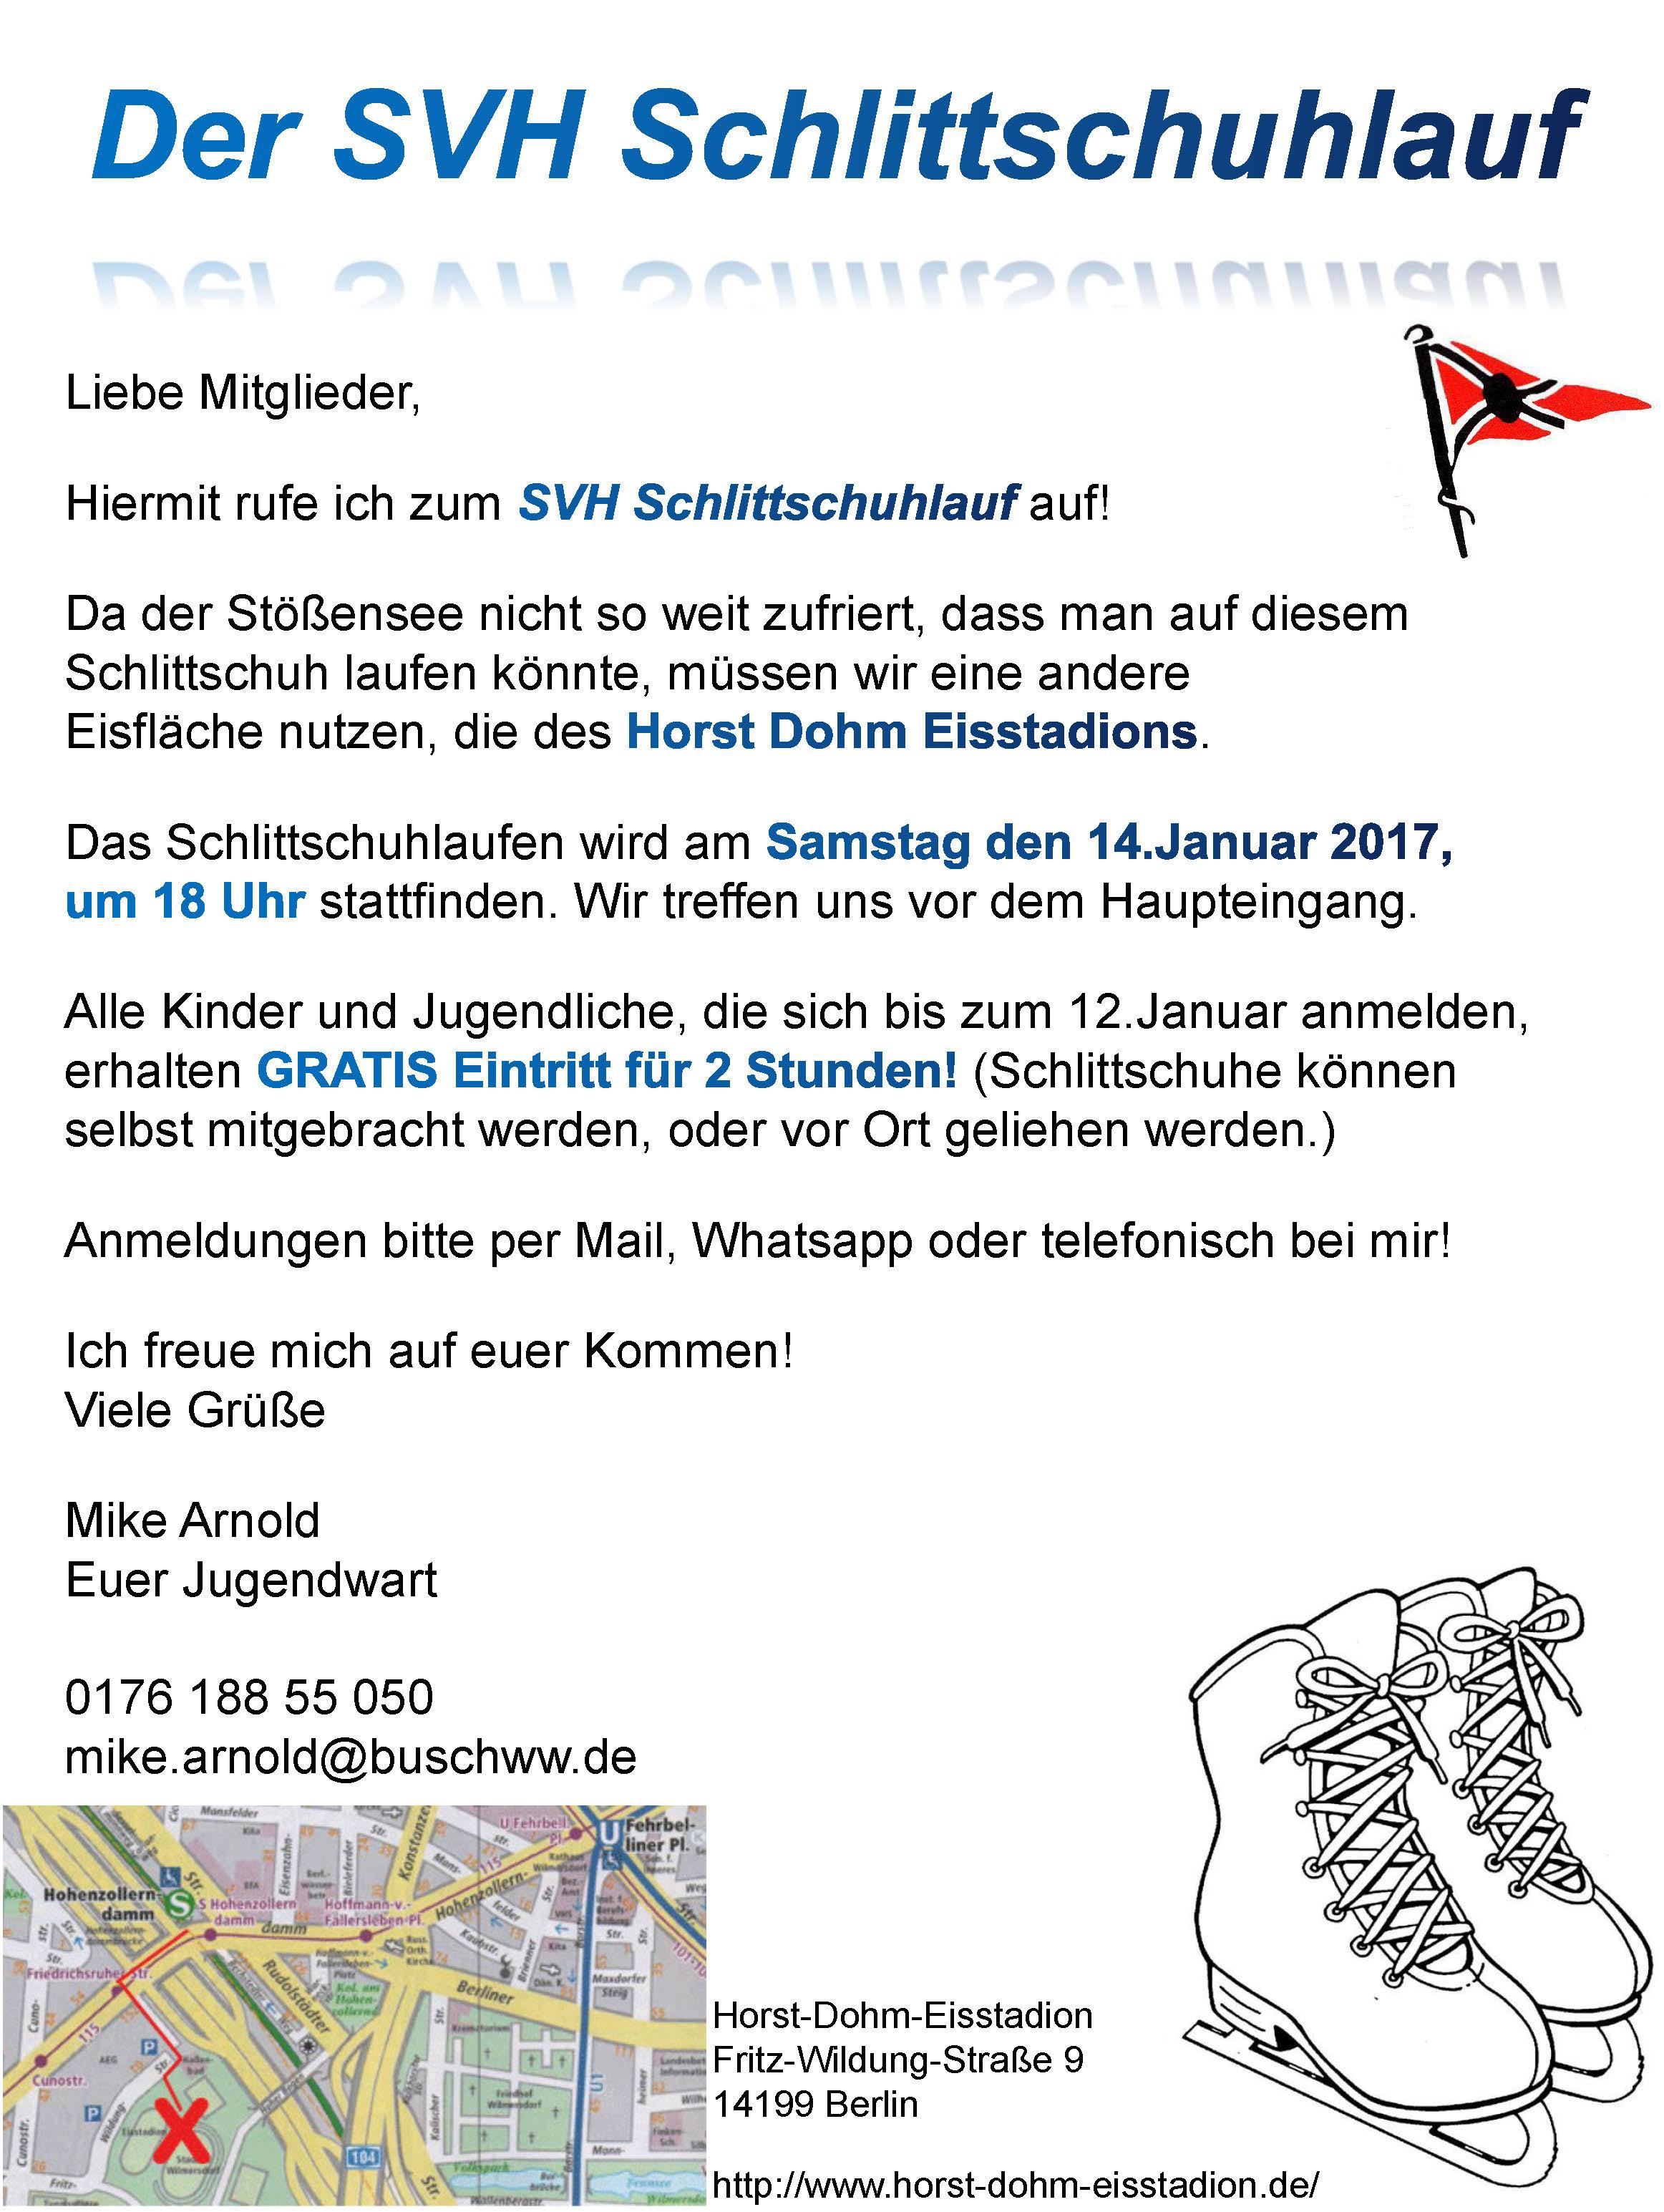 SVH Schlittschuhlauf 2016